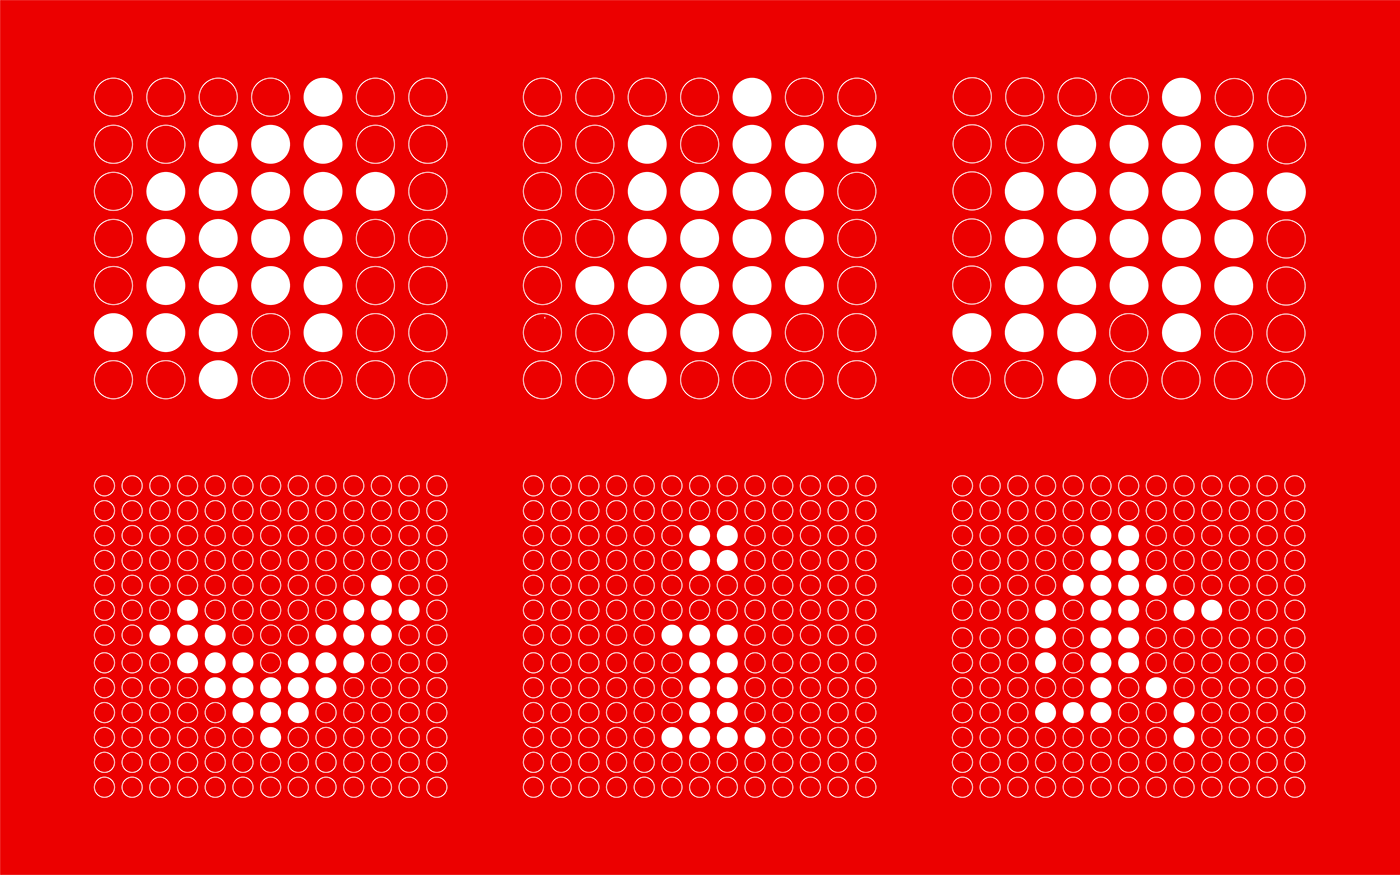 Image may contain: screenshot, pattern and dot